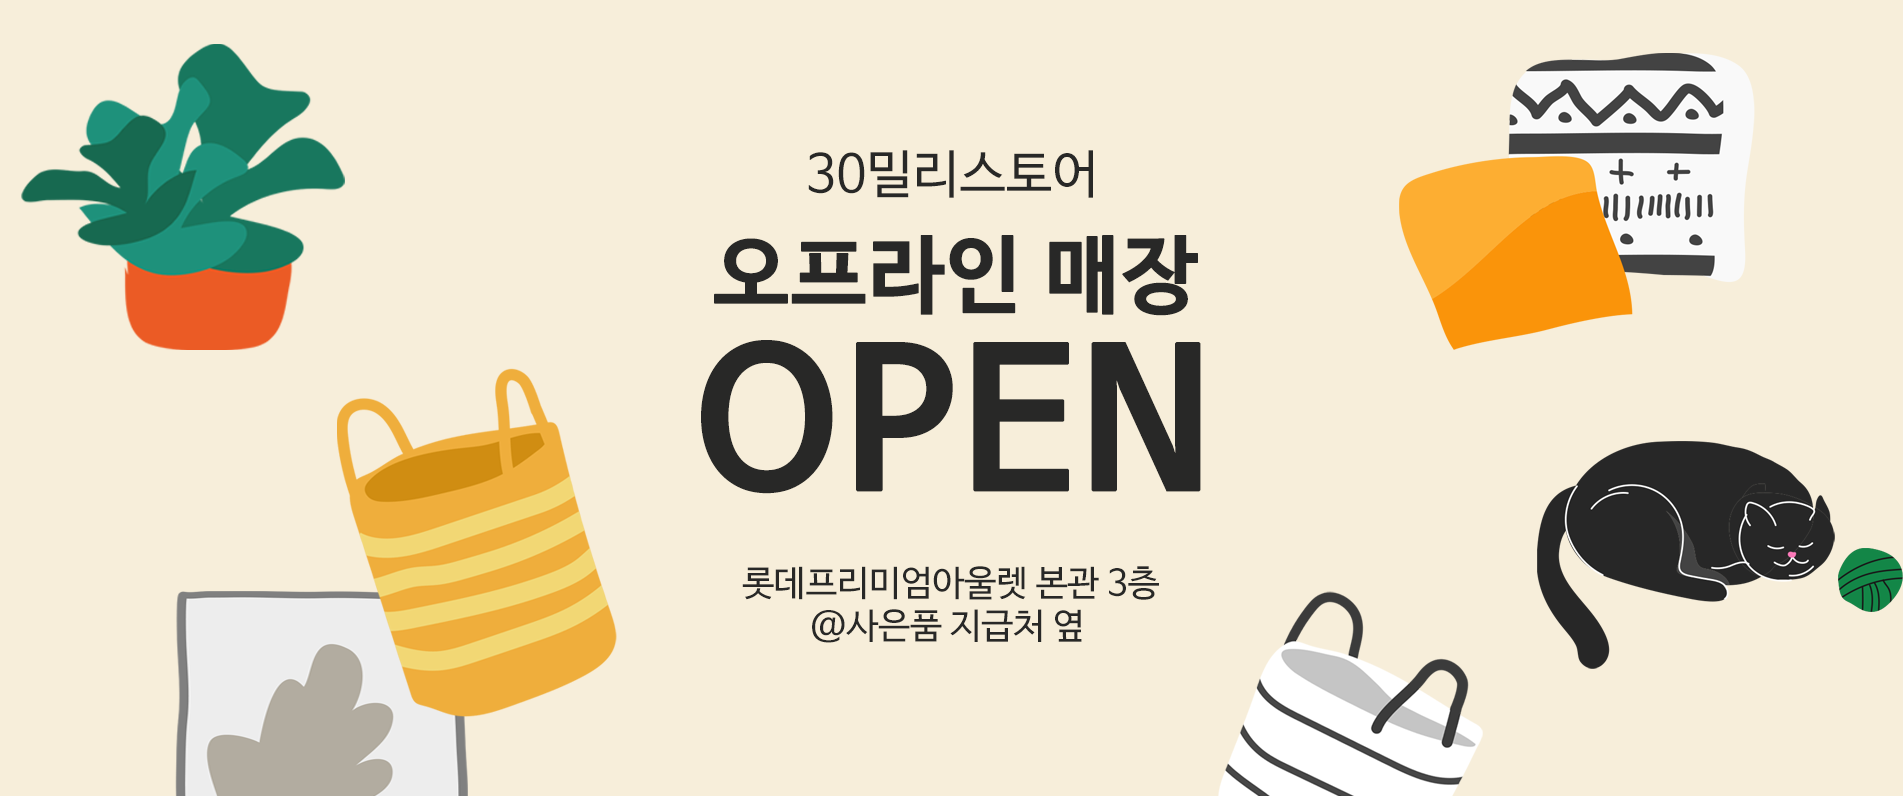 메인배너1-30밀리스토어 이천 롯데아울렛 매장 오픈